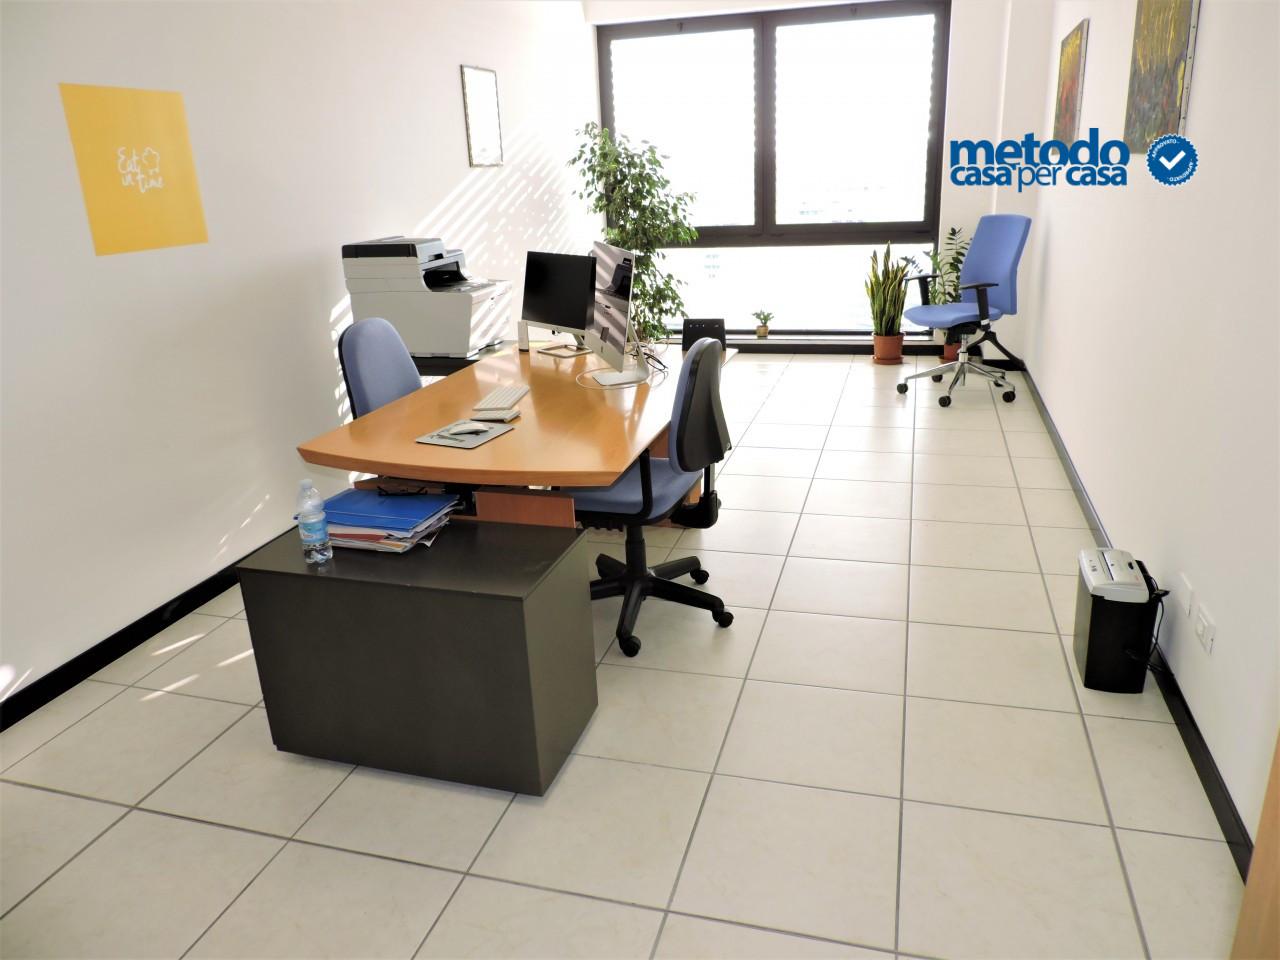 Uffici nuovissimi. Utenze incluse nel prezzo.